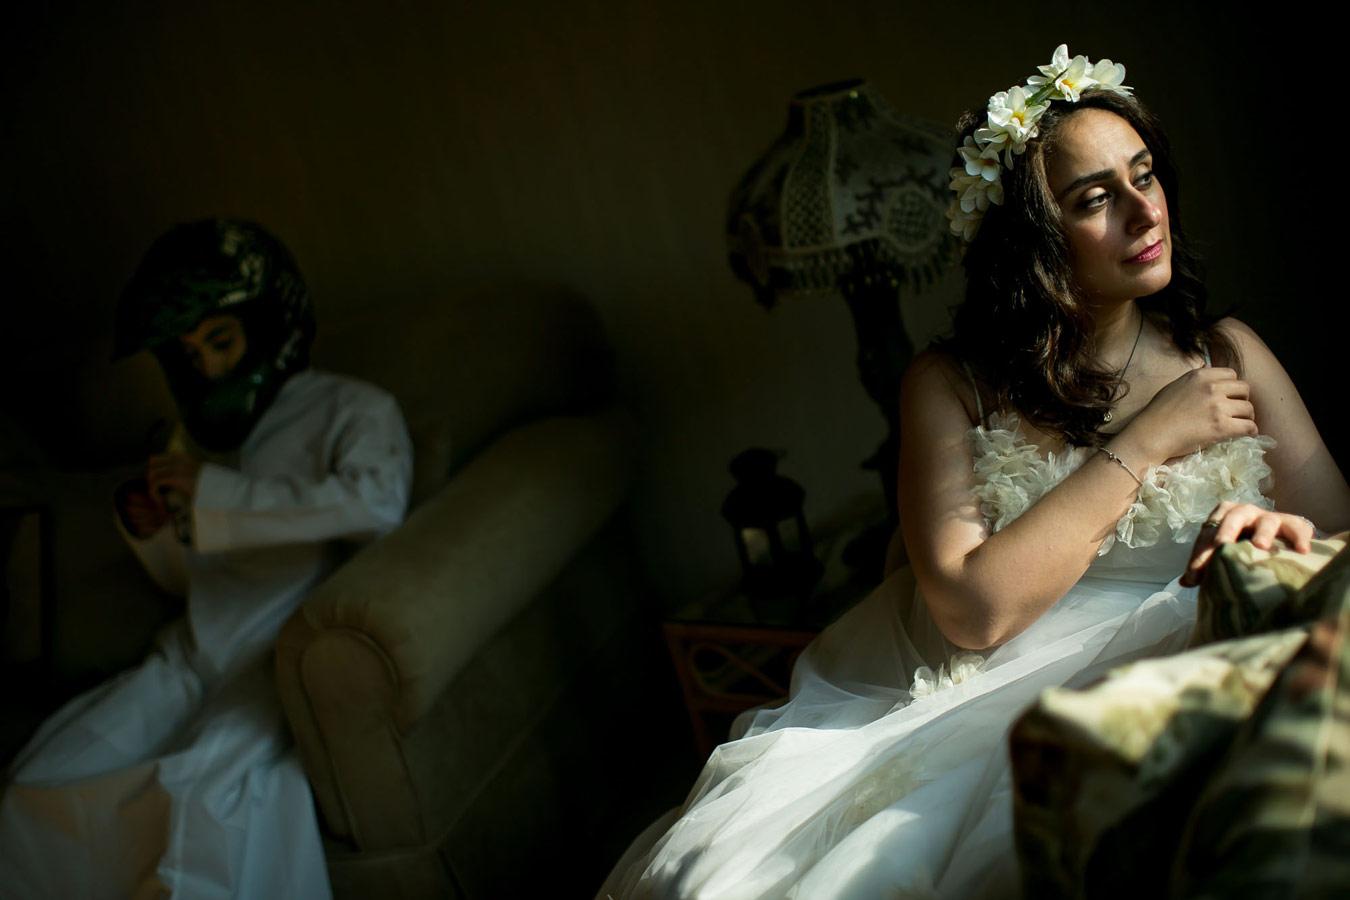 Таснем Альсултан, Саудовская Аравия / Tasneem Alsultan, Saudi Arabia, Победитель в категории «Современные проблемы» (профессионал), Фотоконкурс Sony World Photography Awards